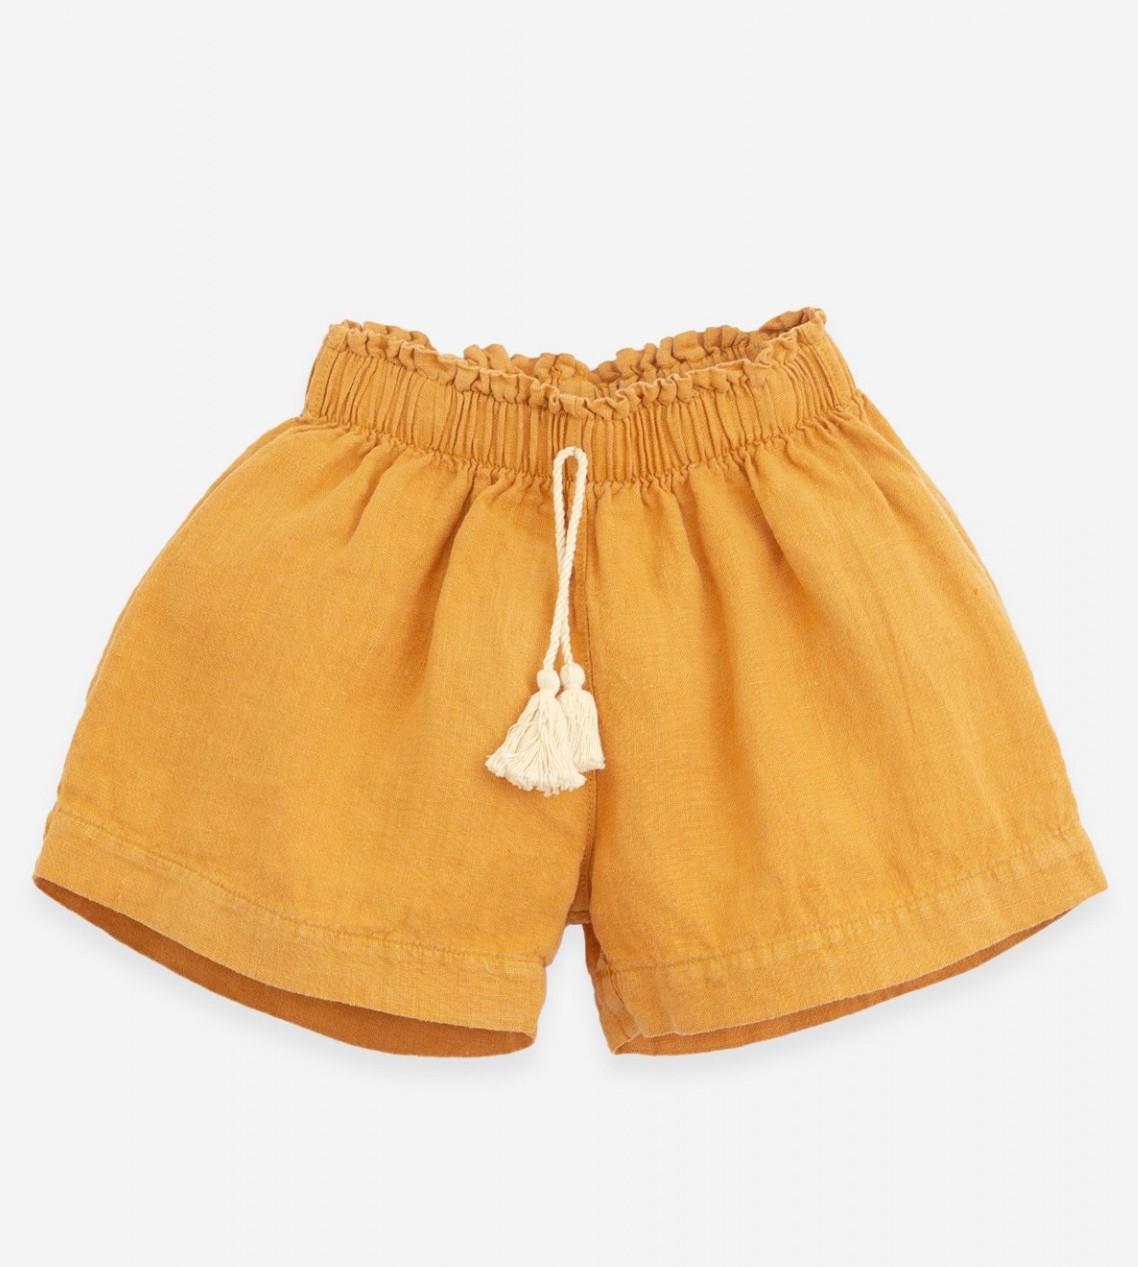 Pantalón corto de lino en color mostaza de Play Up